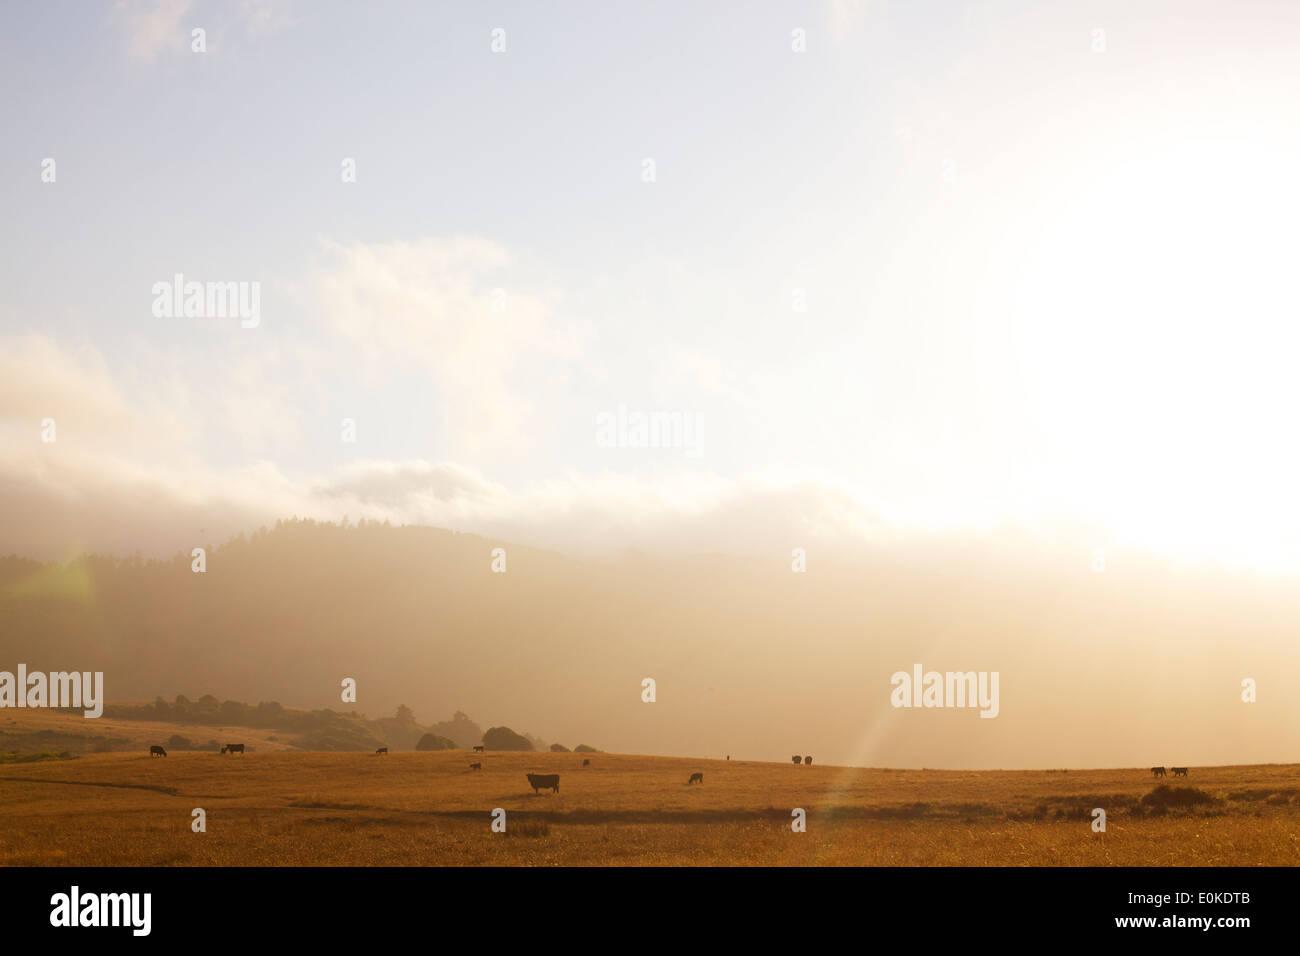 Der Nebel rollt in der Ferne eine Landschaft Kühe grasen, Silhouette gegen einen Sonnenuntergang. Stockbild